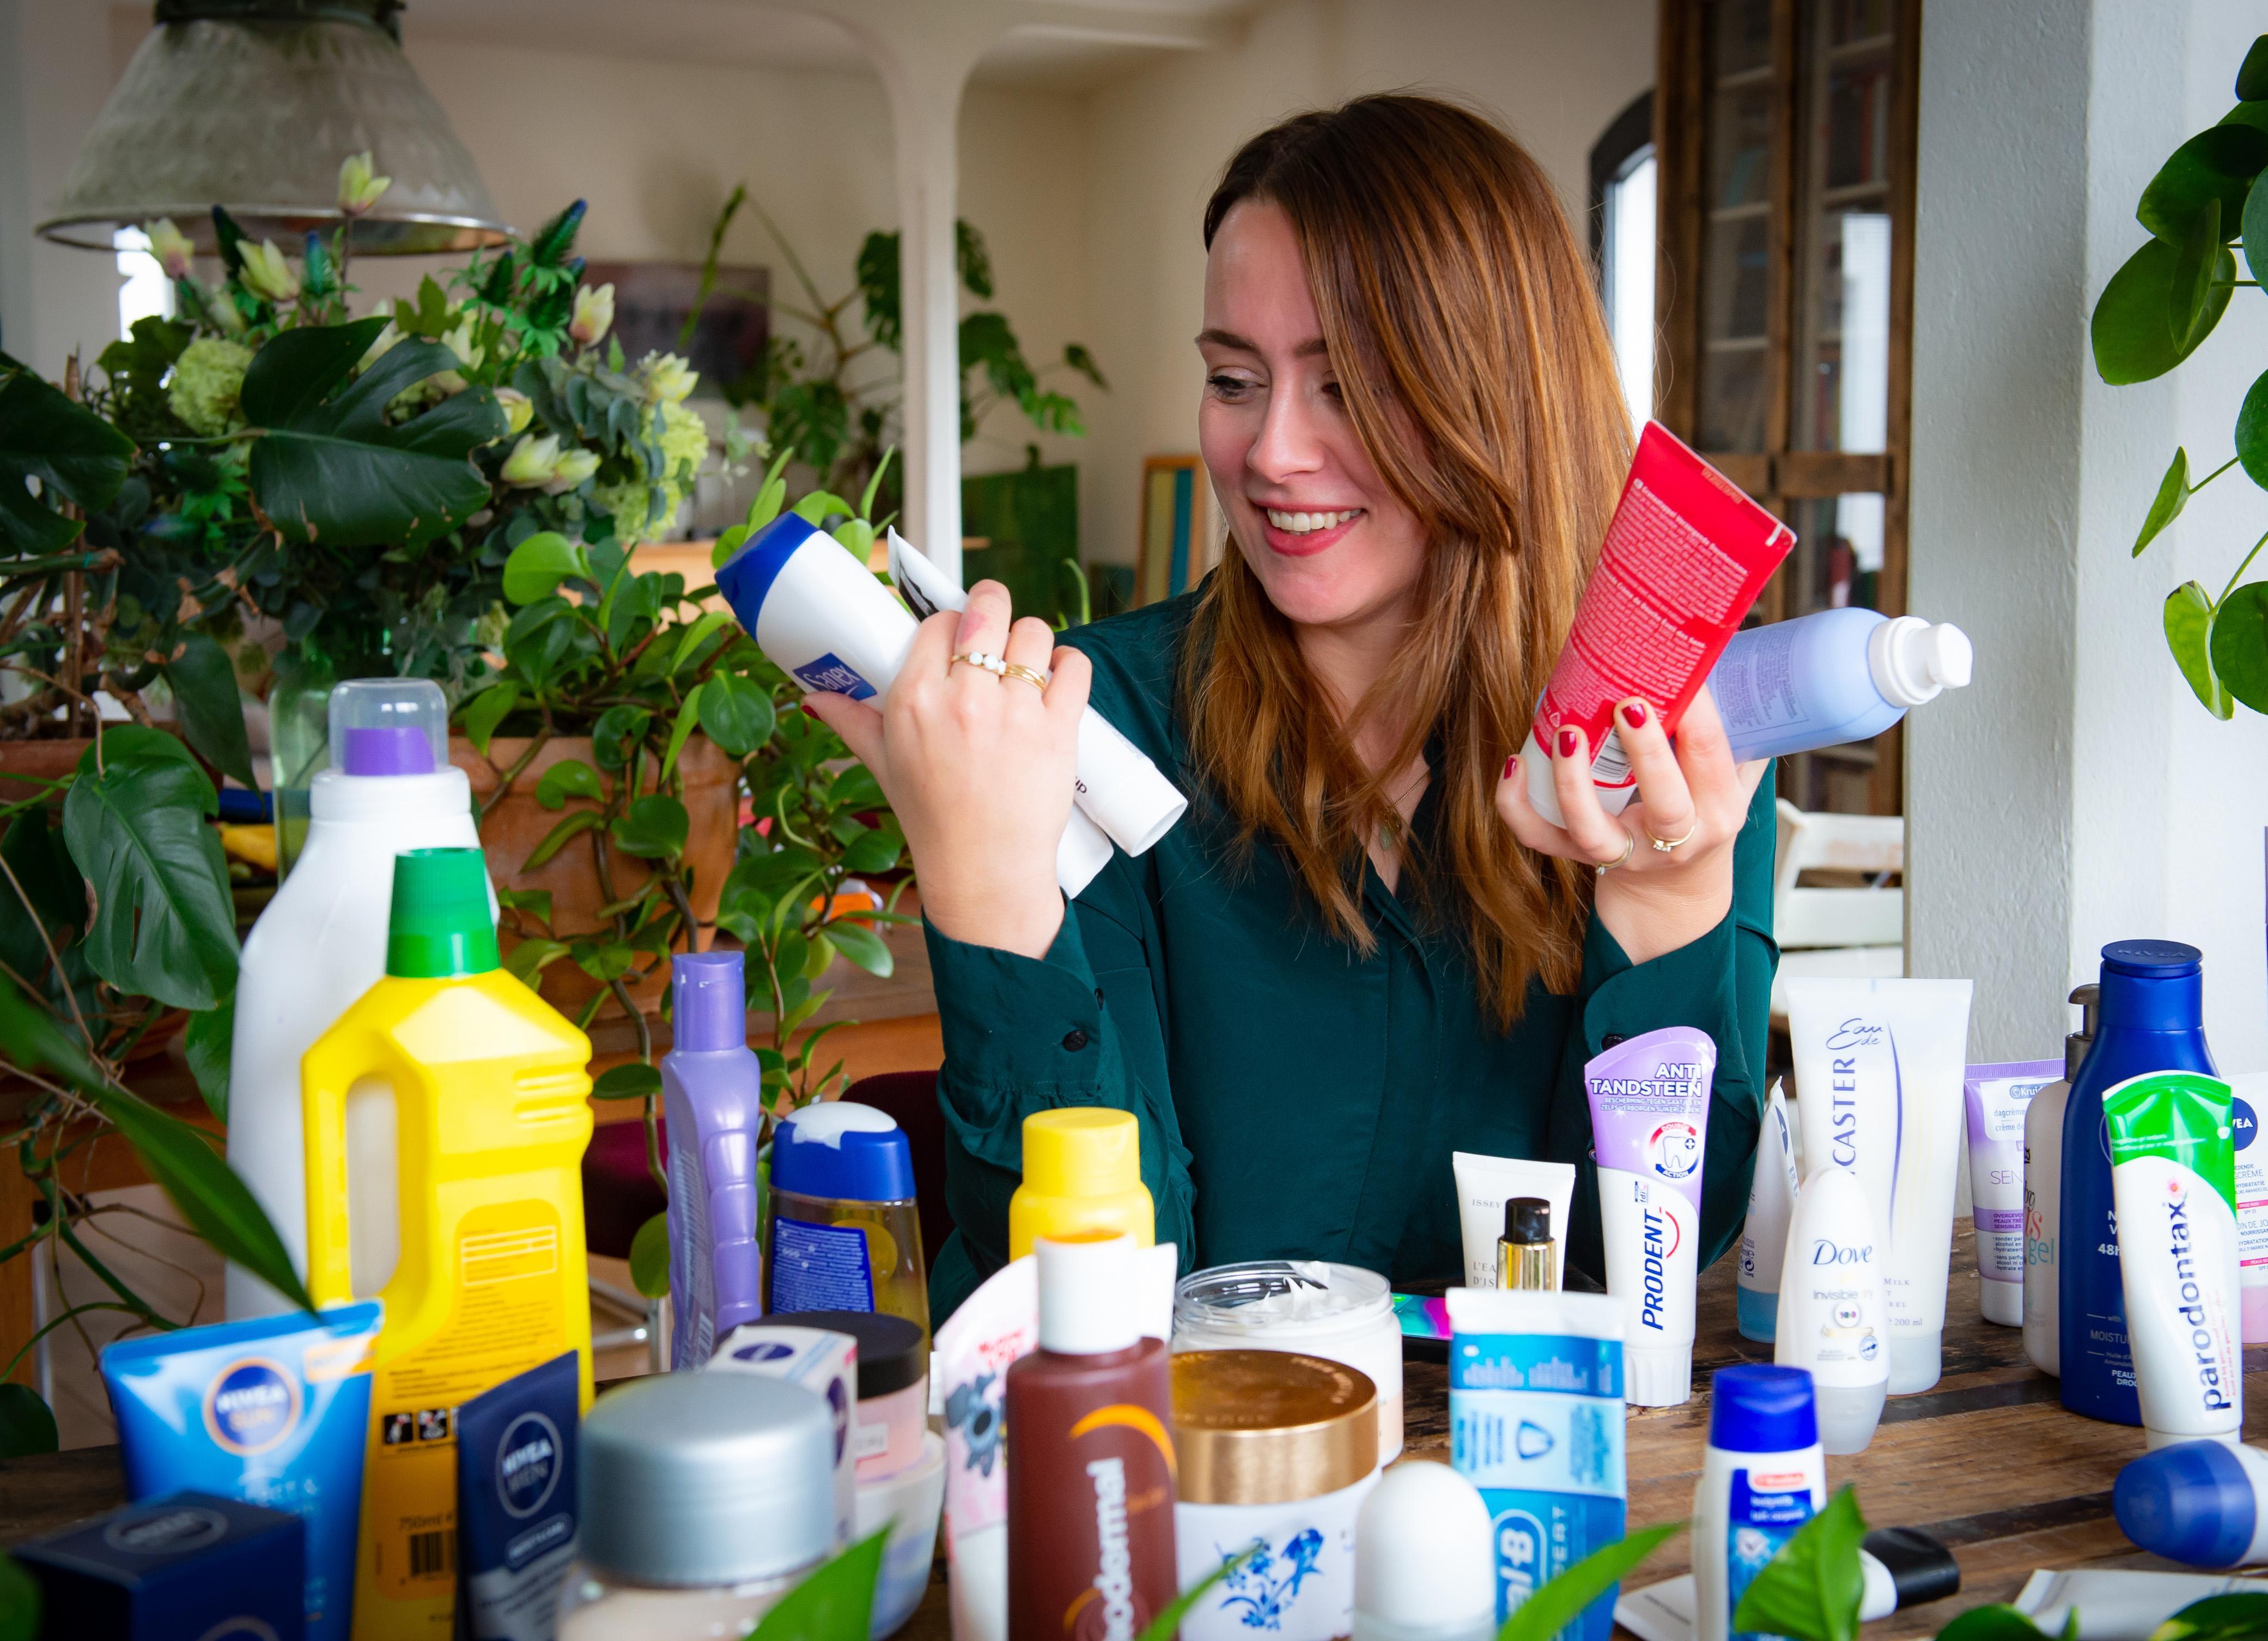 Gelukkig, er zijn plasticvrije alternatieven, van shampoo tot tandpasta